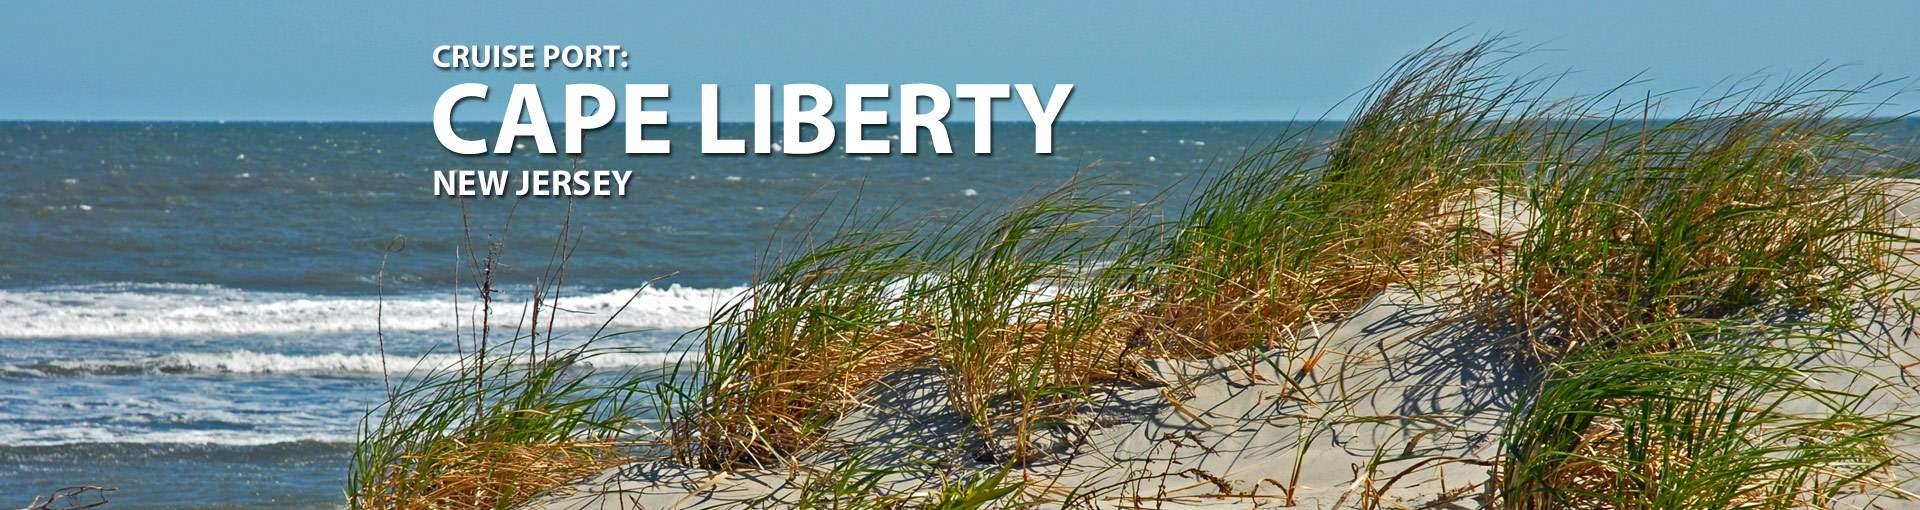 Cruise Port: Cape Liberty (Bayonne), New Jersey